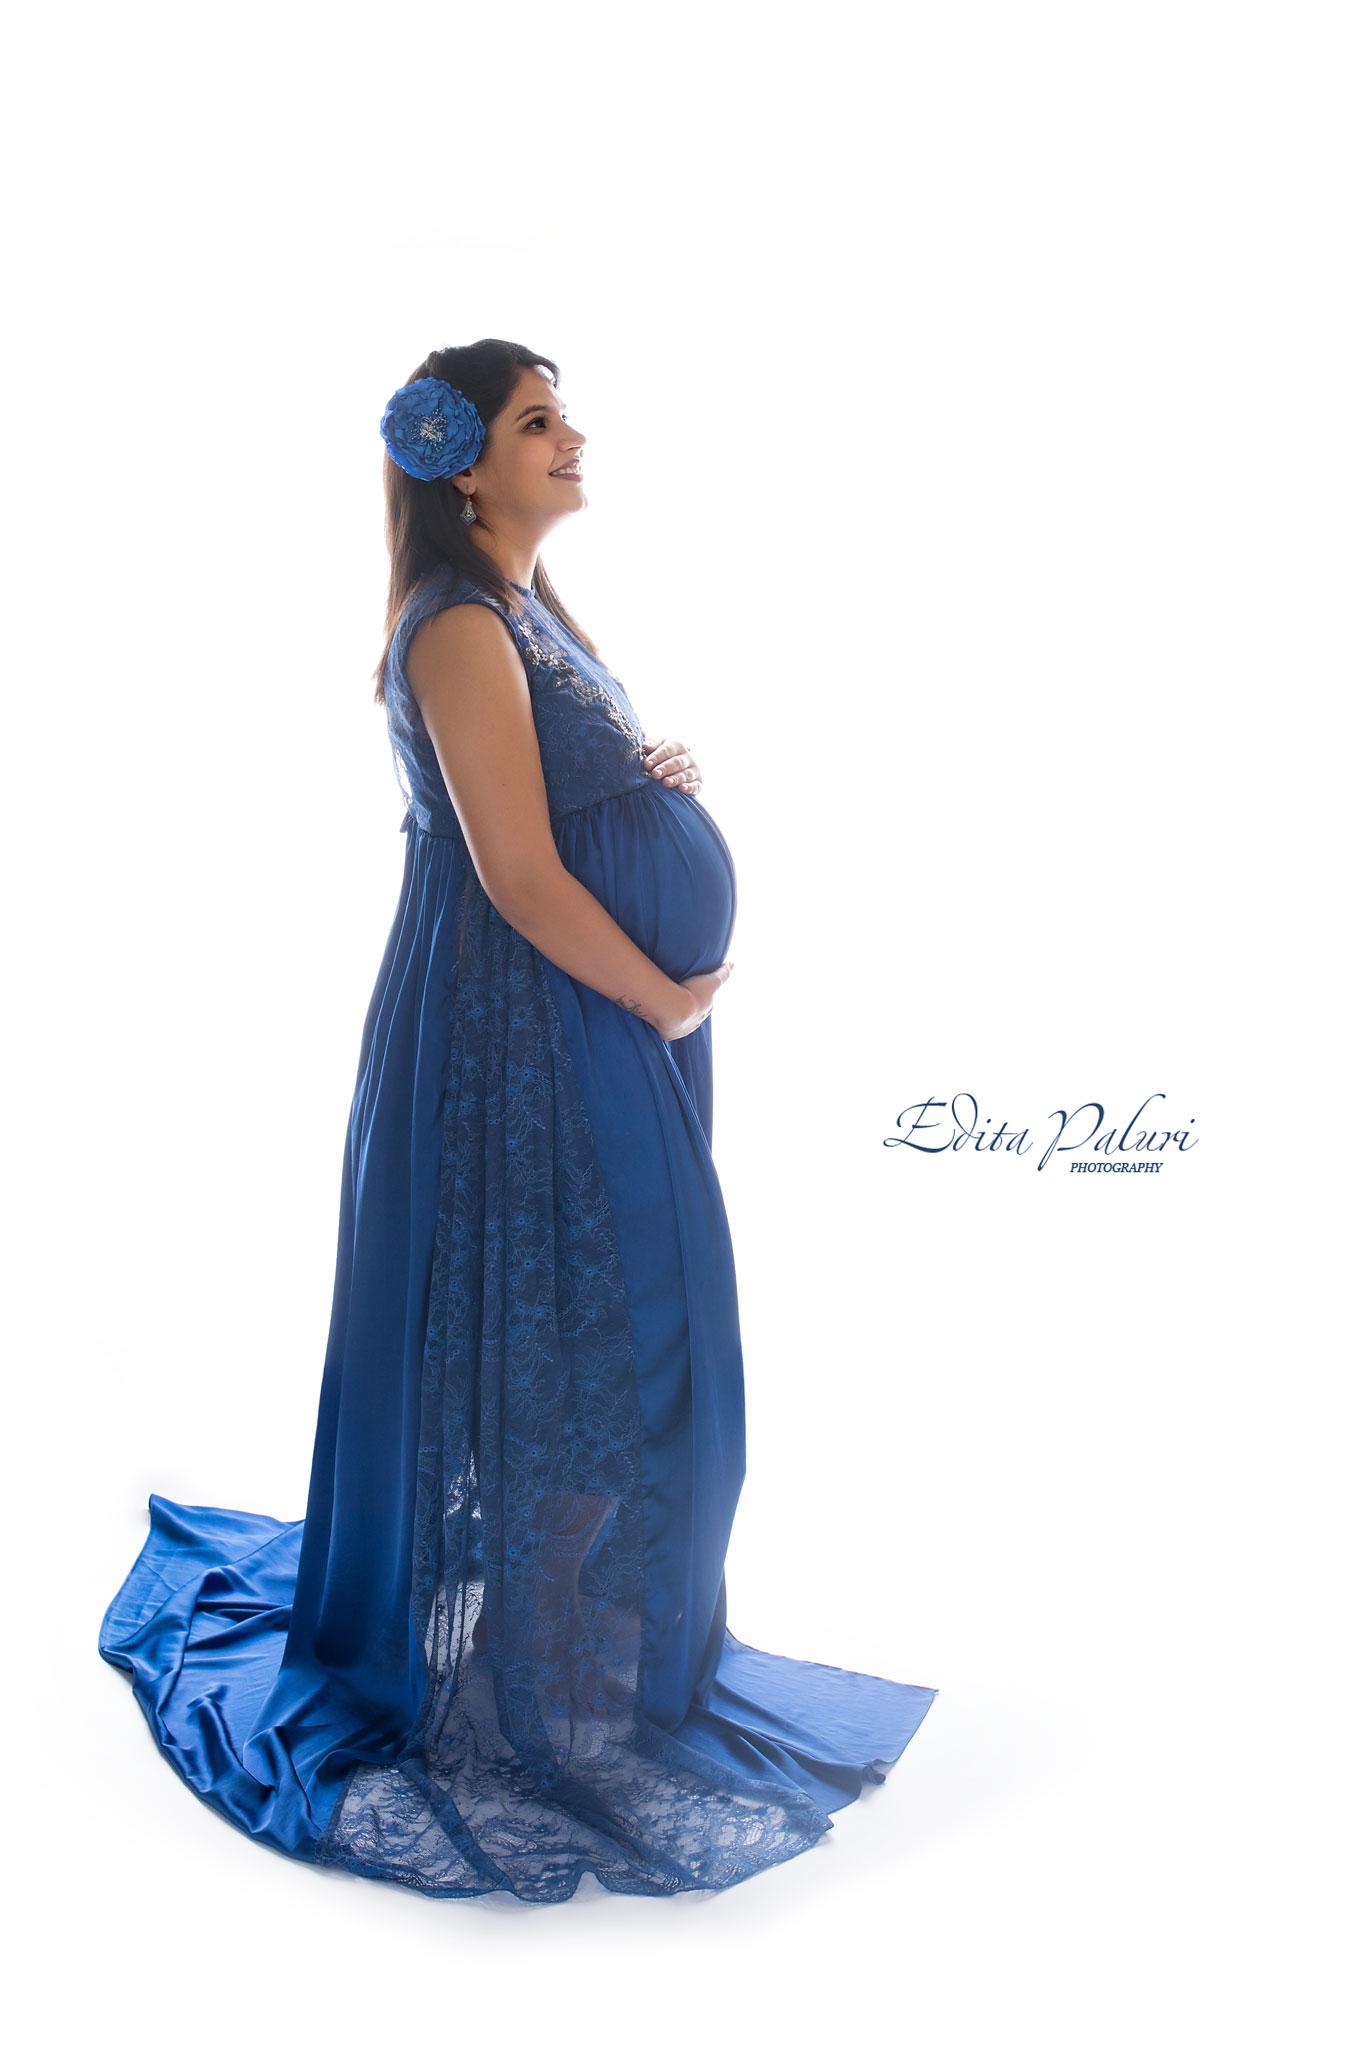 Maternity portfolio Pune